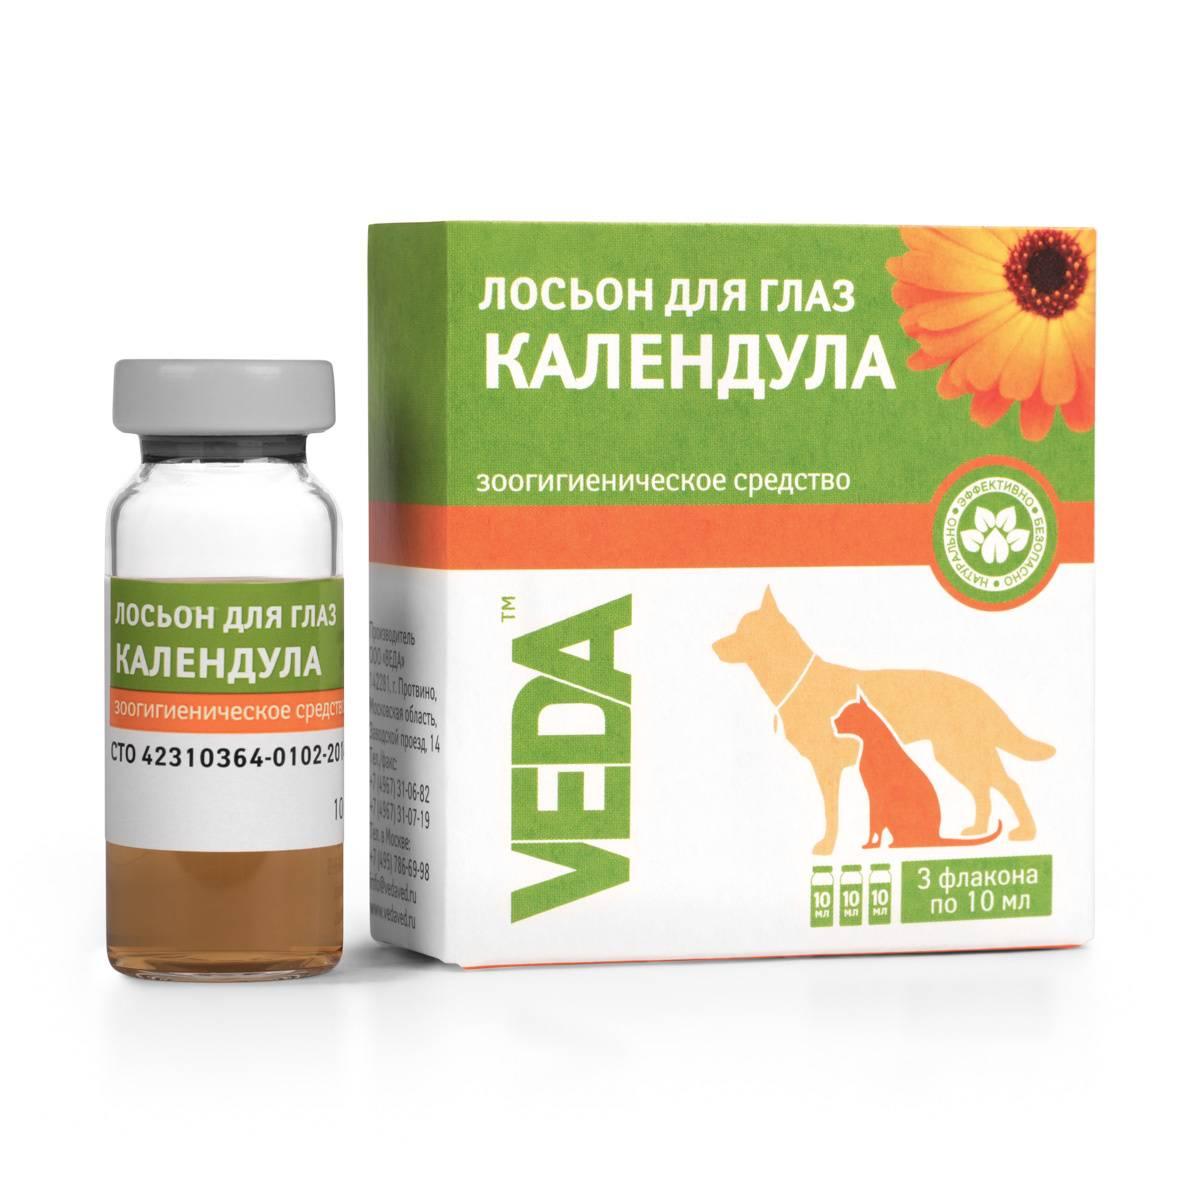 Календула - лечебные свойства и противопоказания, эффективные рецепты